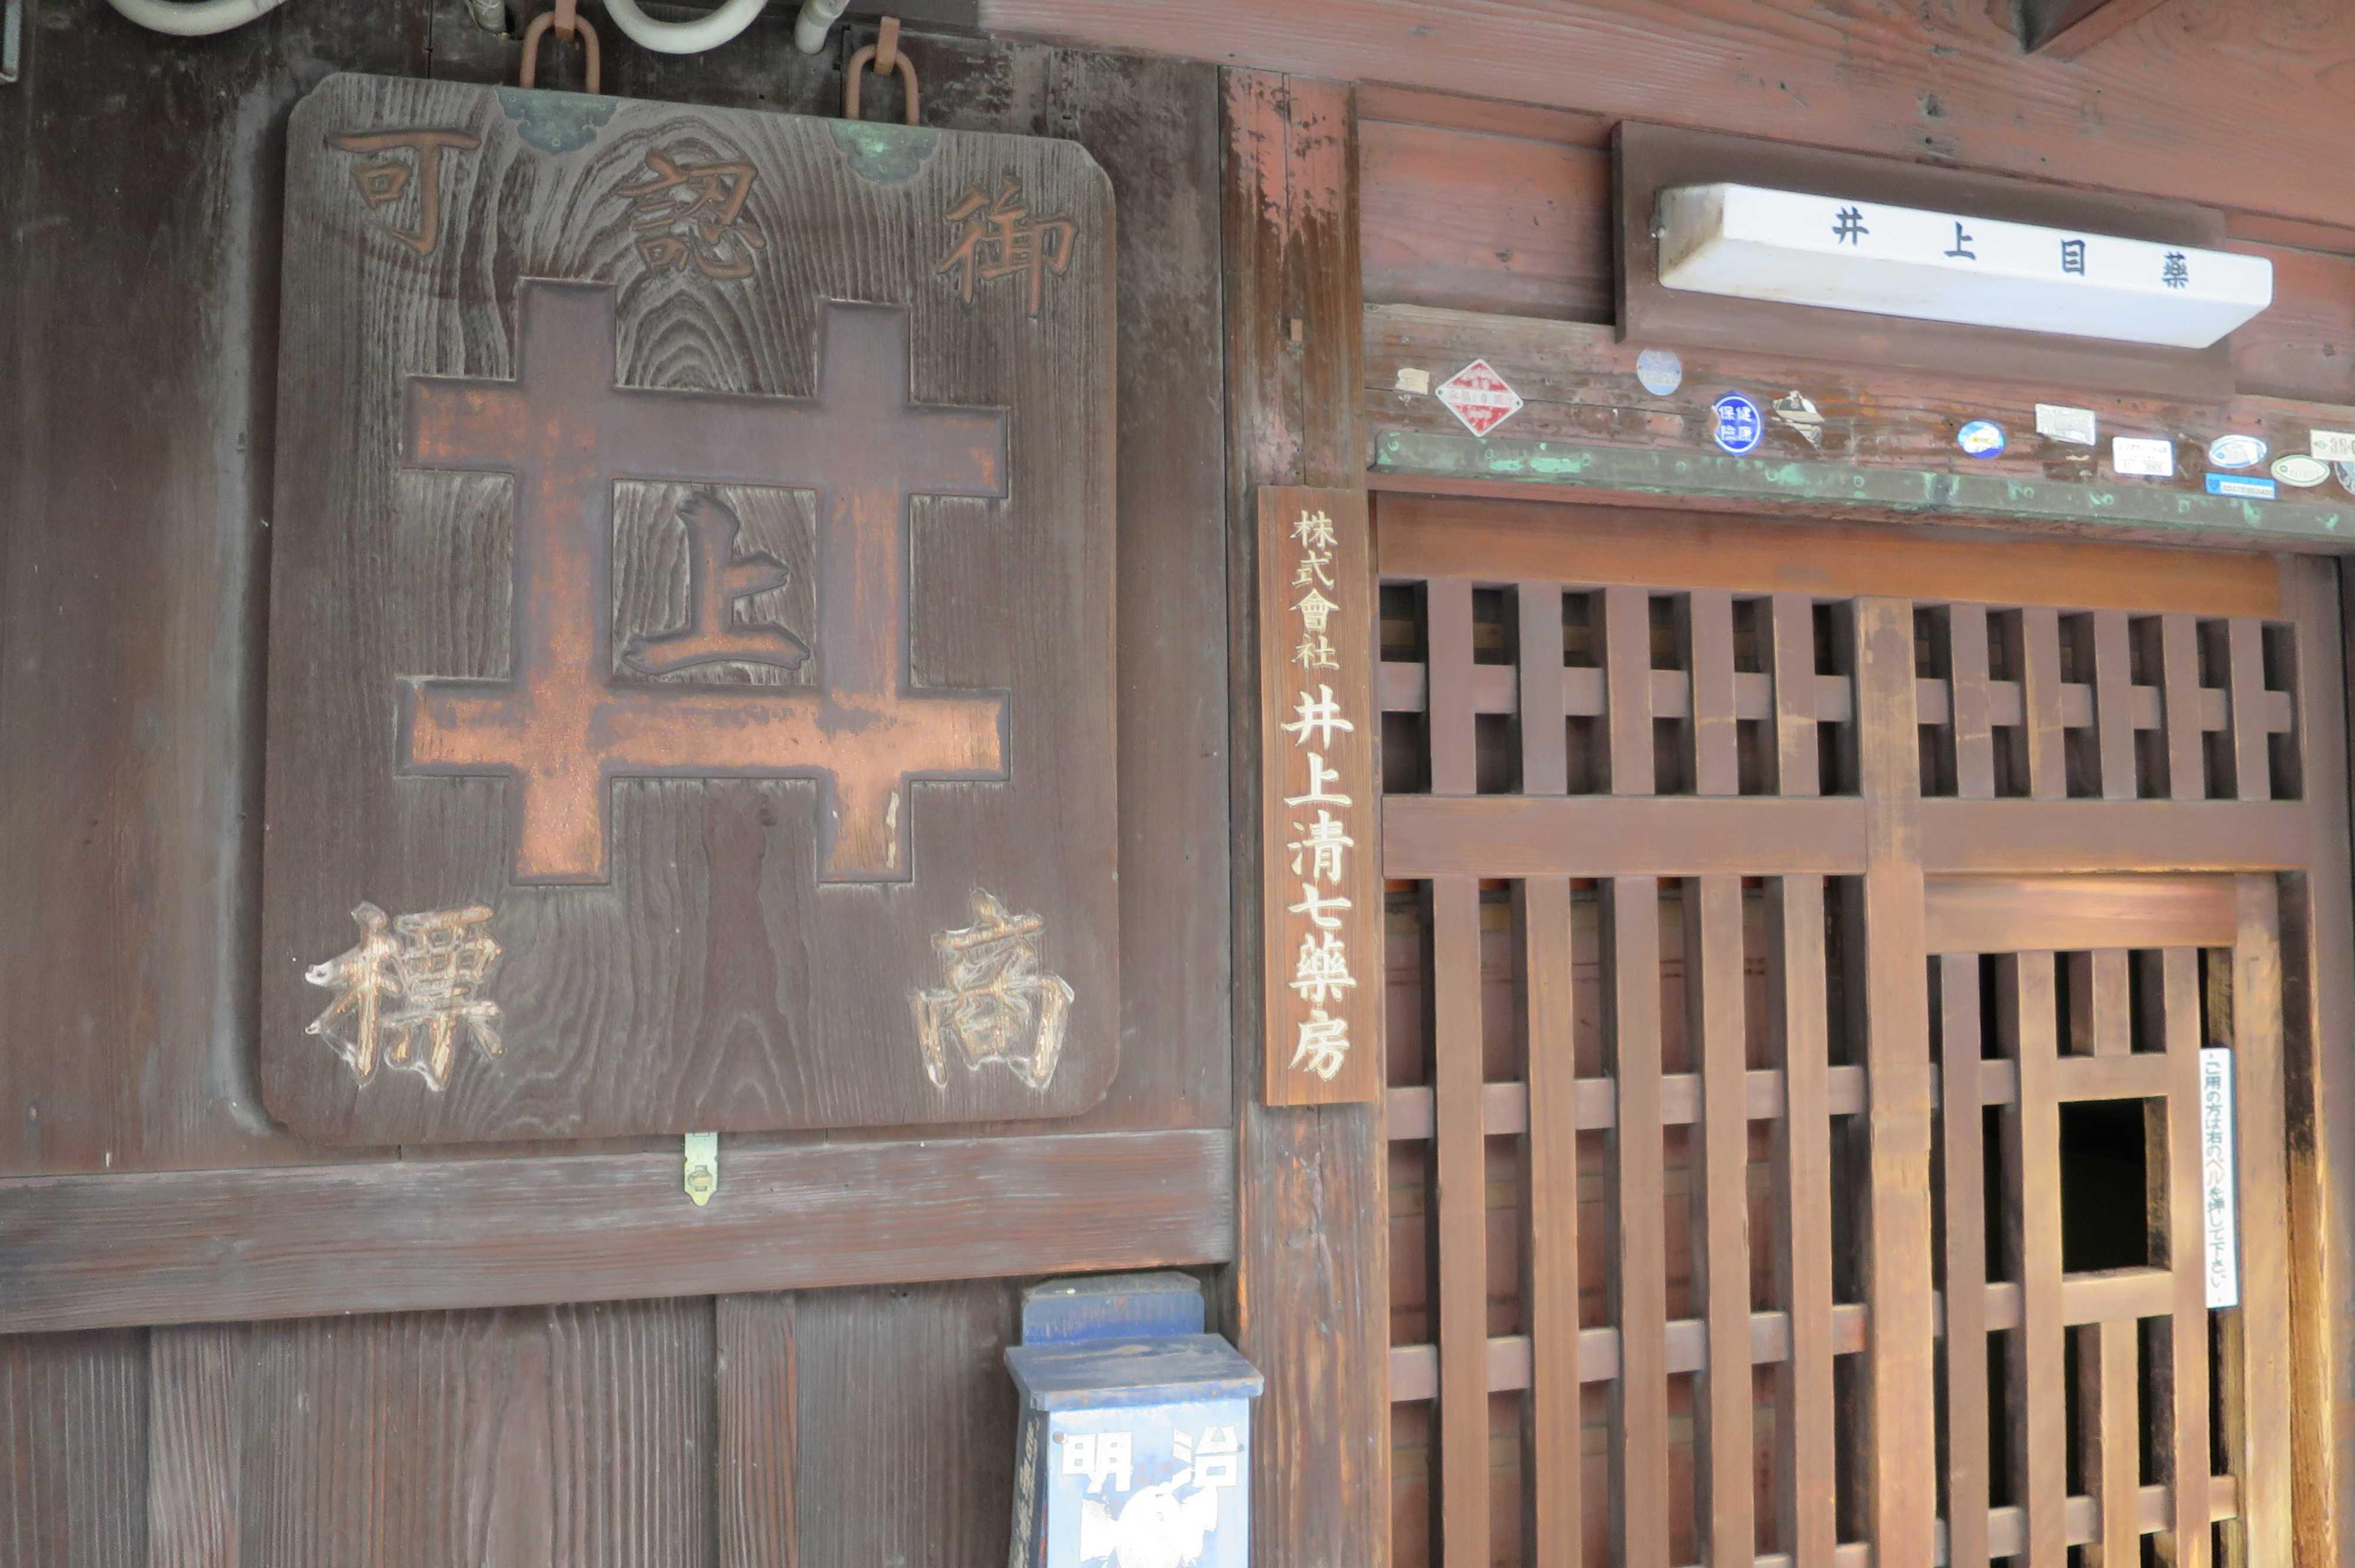 井上清七薬房(井上目薬) 京都市下京区